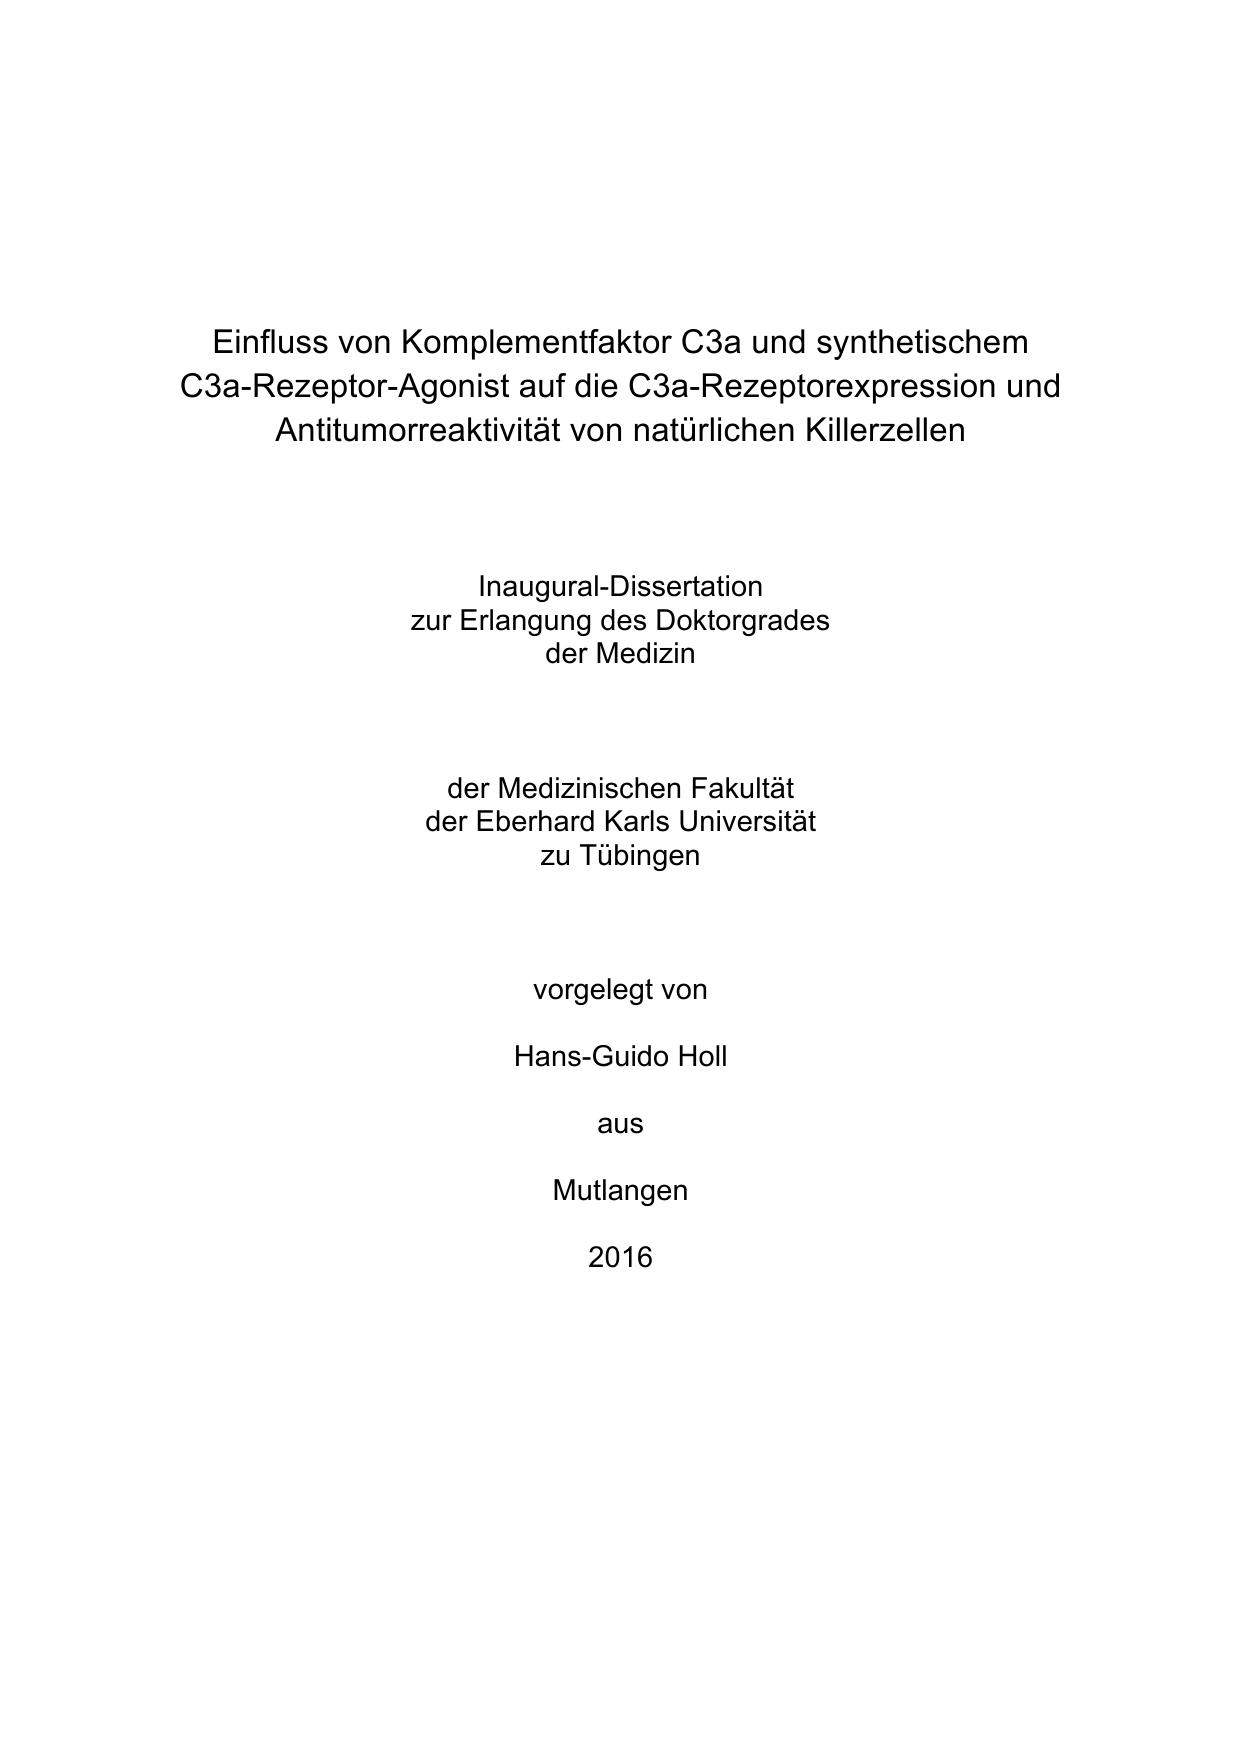 Holl Dissertation_HS(verbessert)zum abgeben